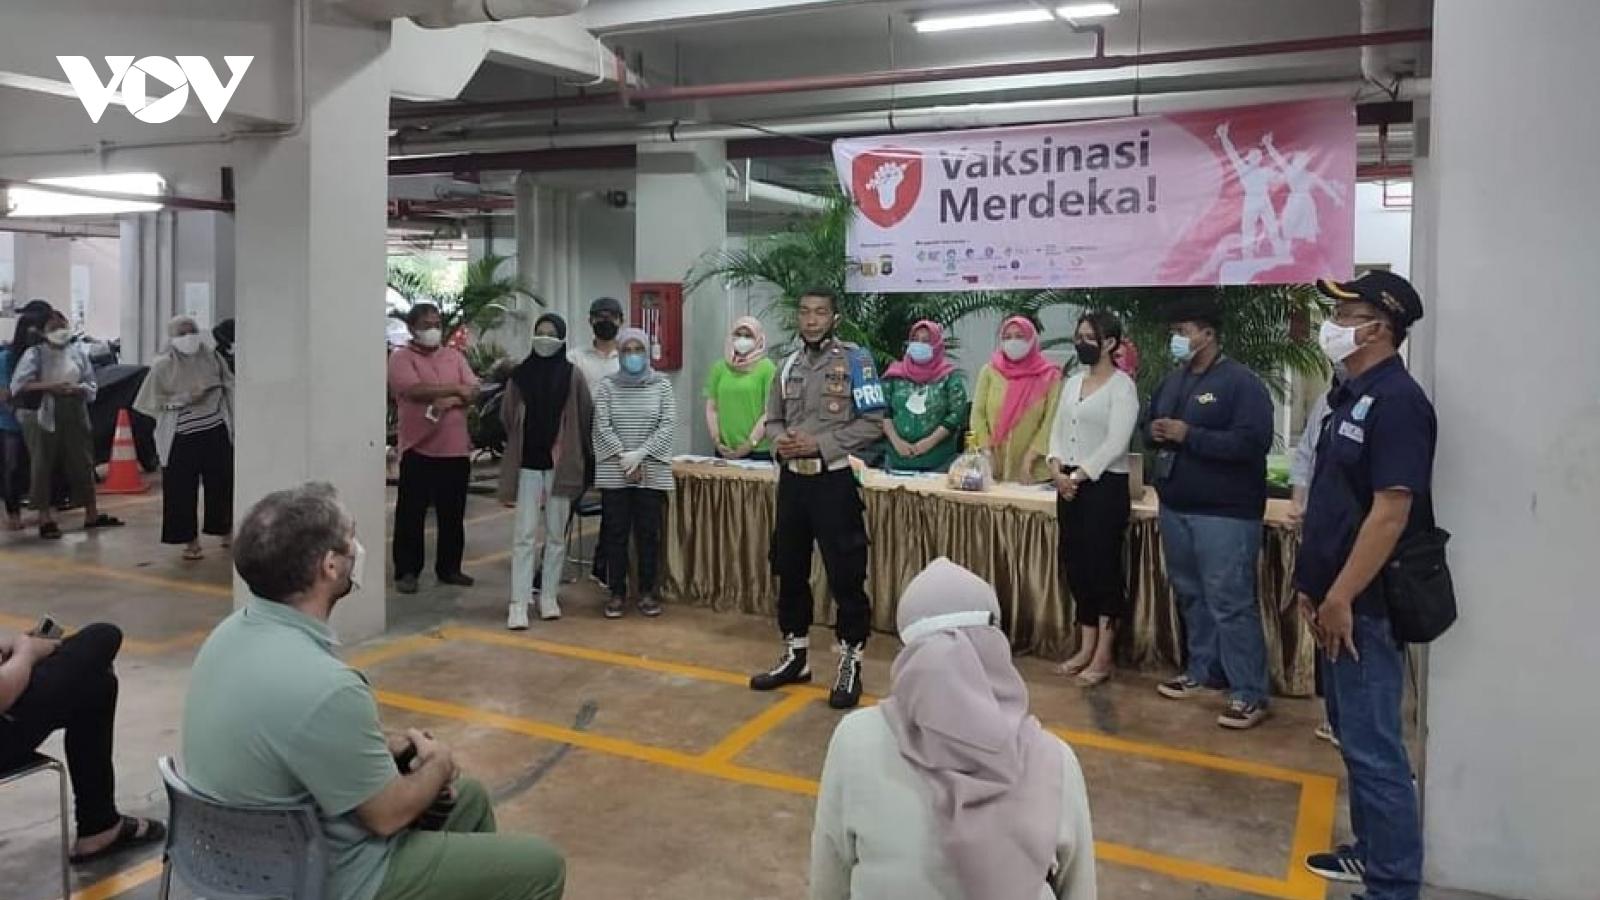 Thủ đô Jakarta (Indonesia) tiêm vaccine Covid-19 cho 100% người dân mừng Quốc khánh